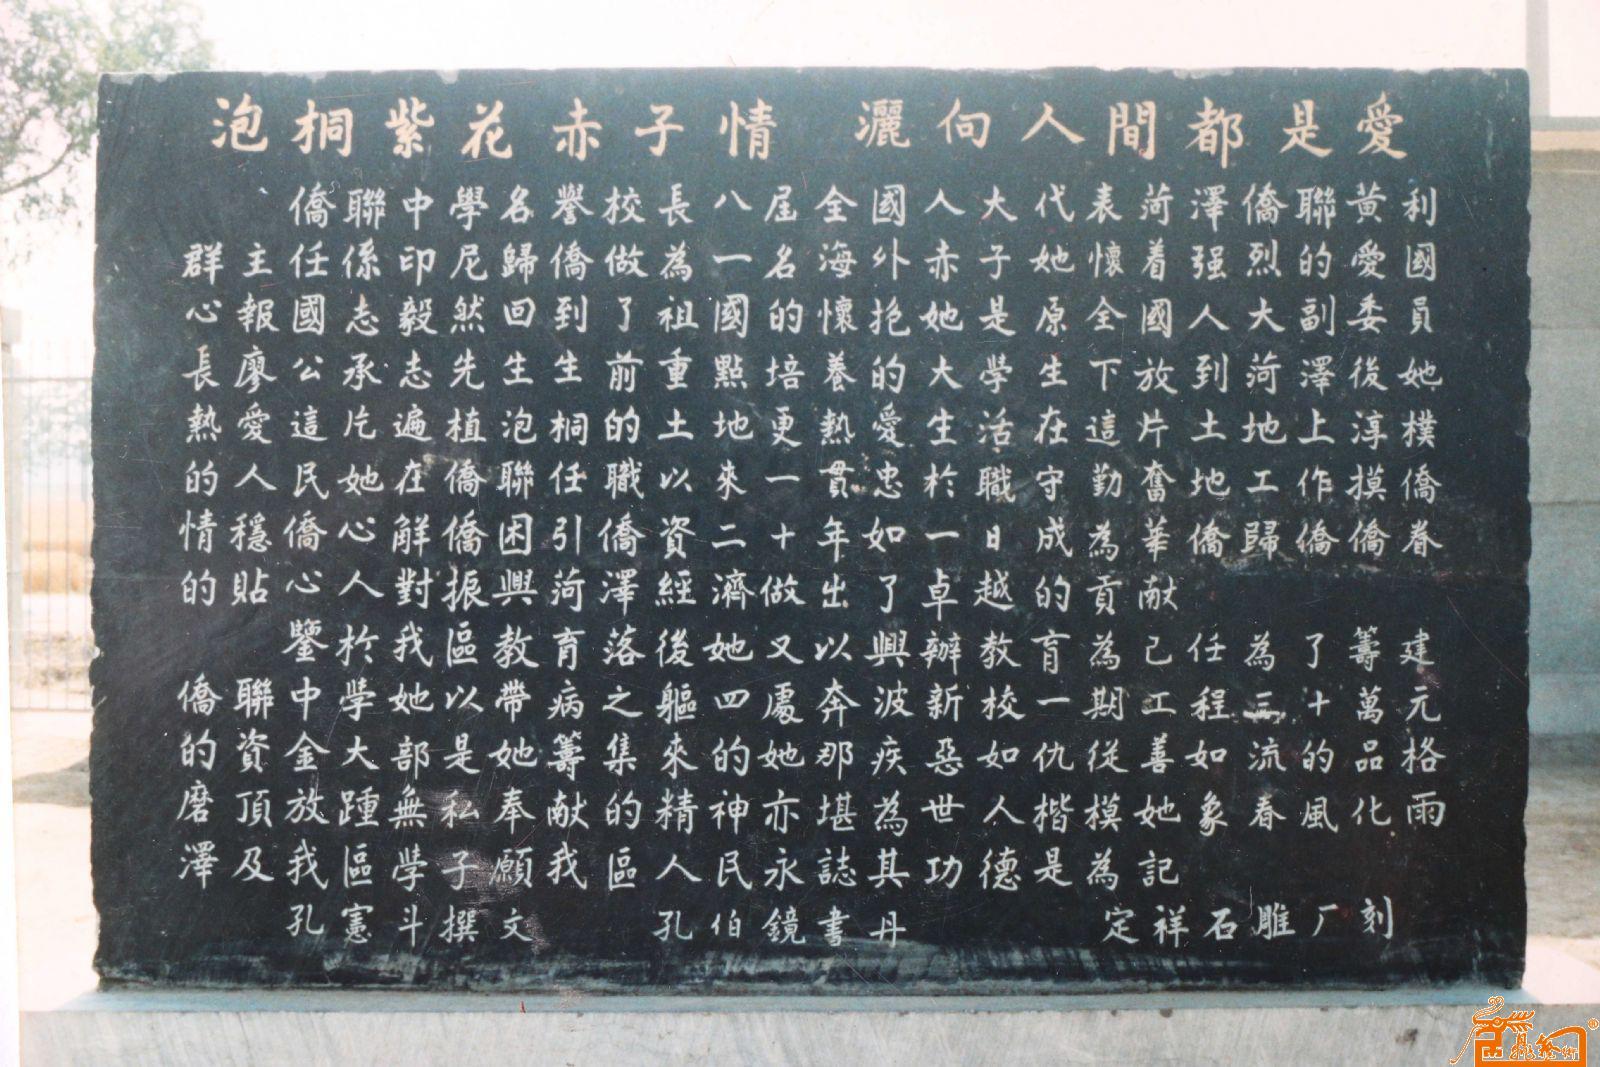 葫芦岛飞天广场碑文